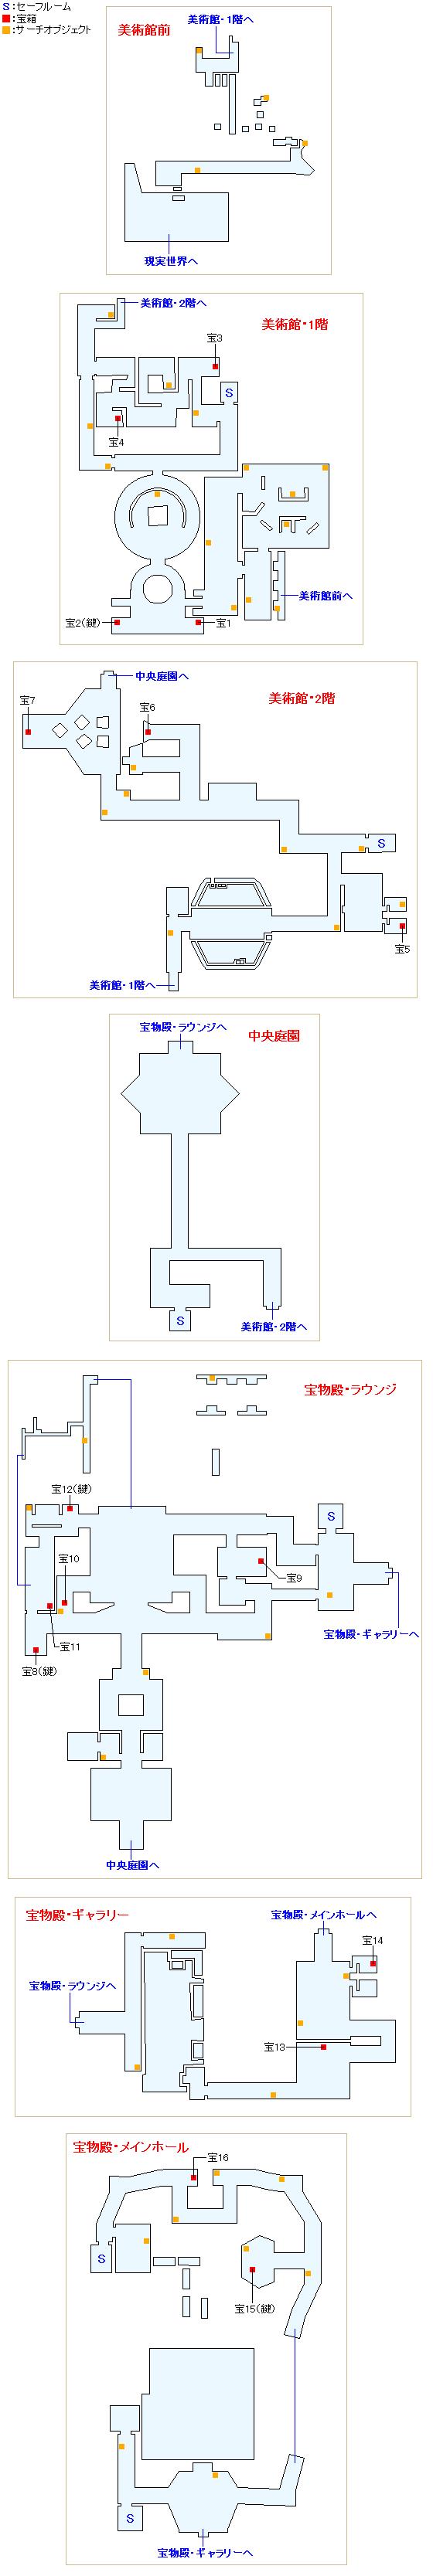 マダラメ・パレスマップ画像